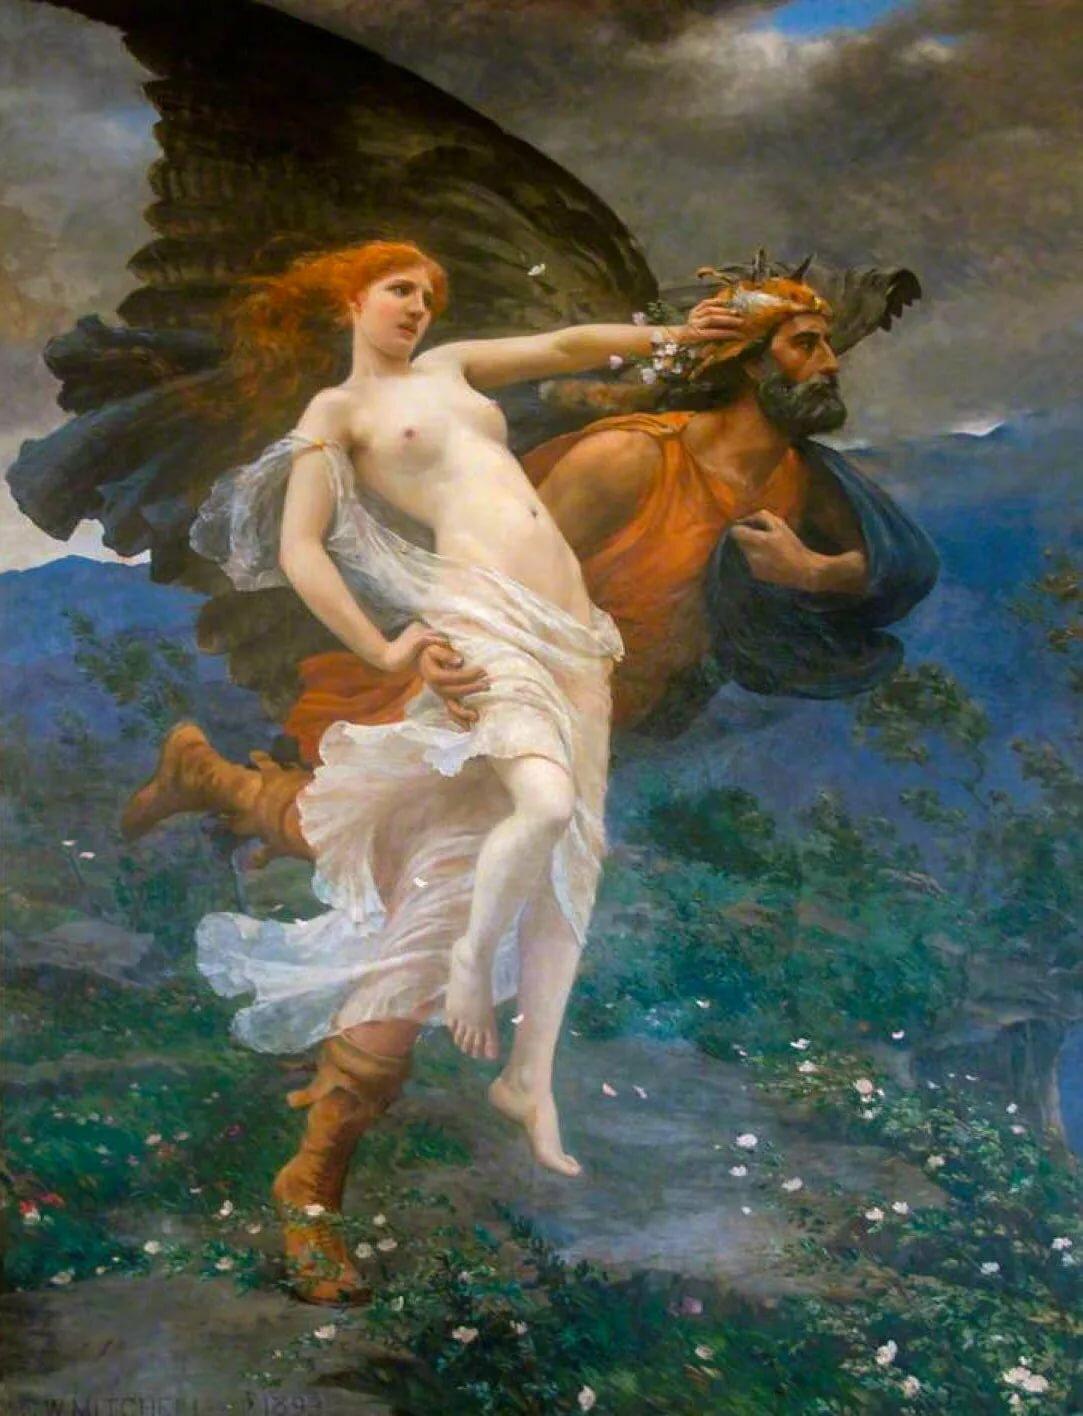 Нимфы древней греции. нимфы — воплощение сил природы из греческих легенд греческая нимфа